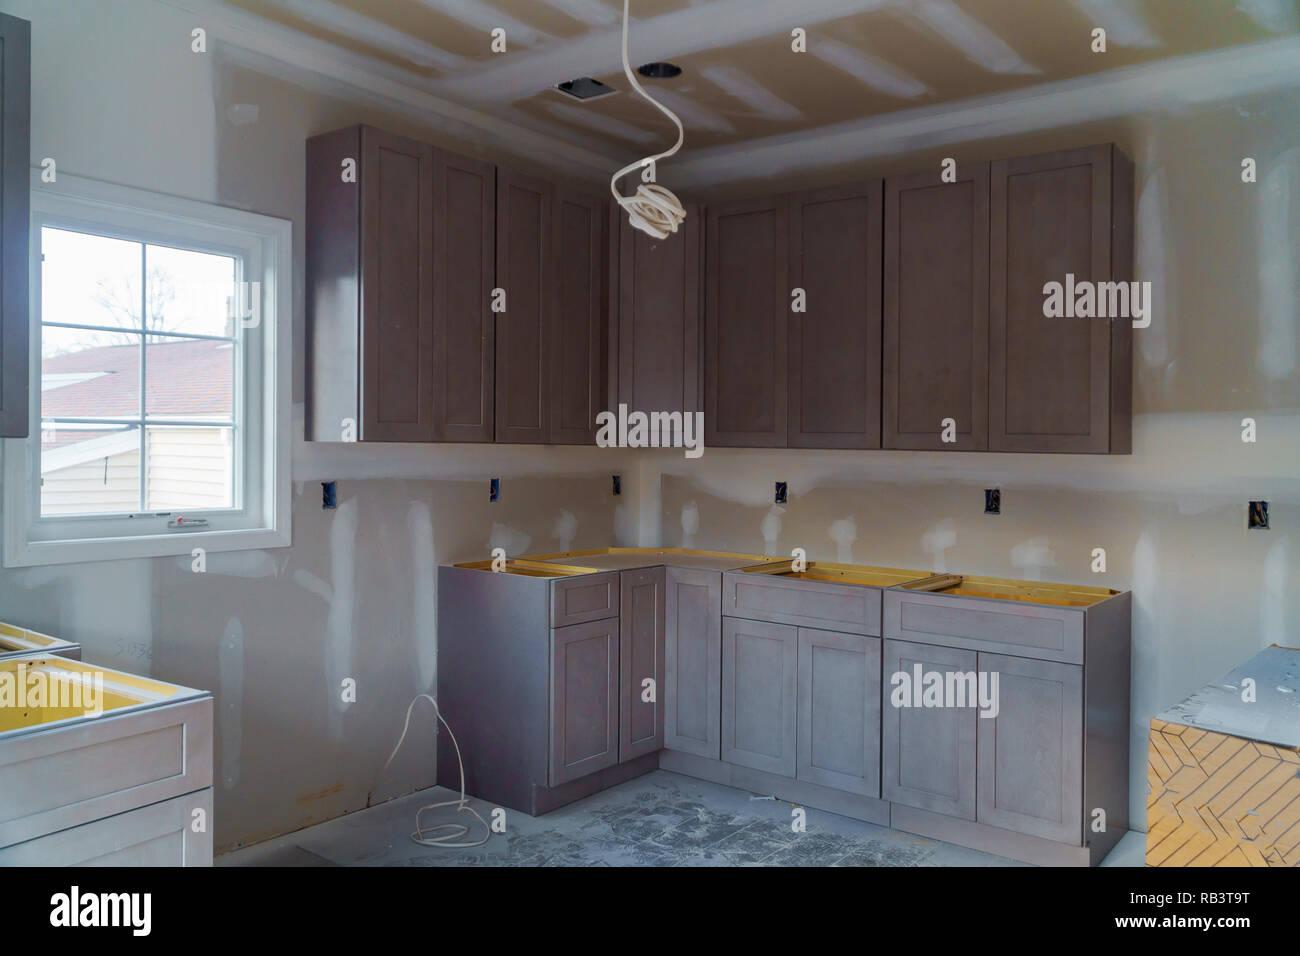 Kitchen Cabinets Installation Blind Corner Cabinet Island